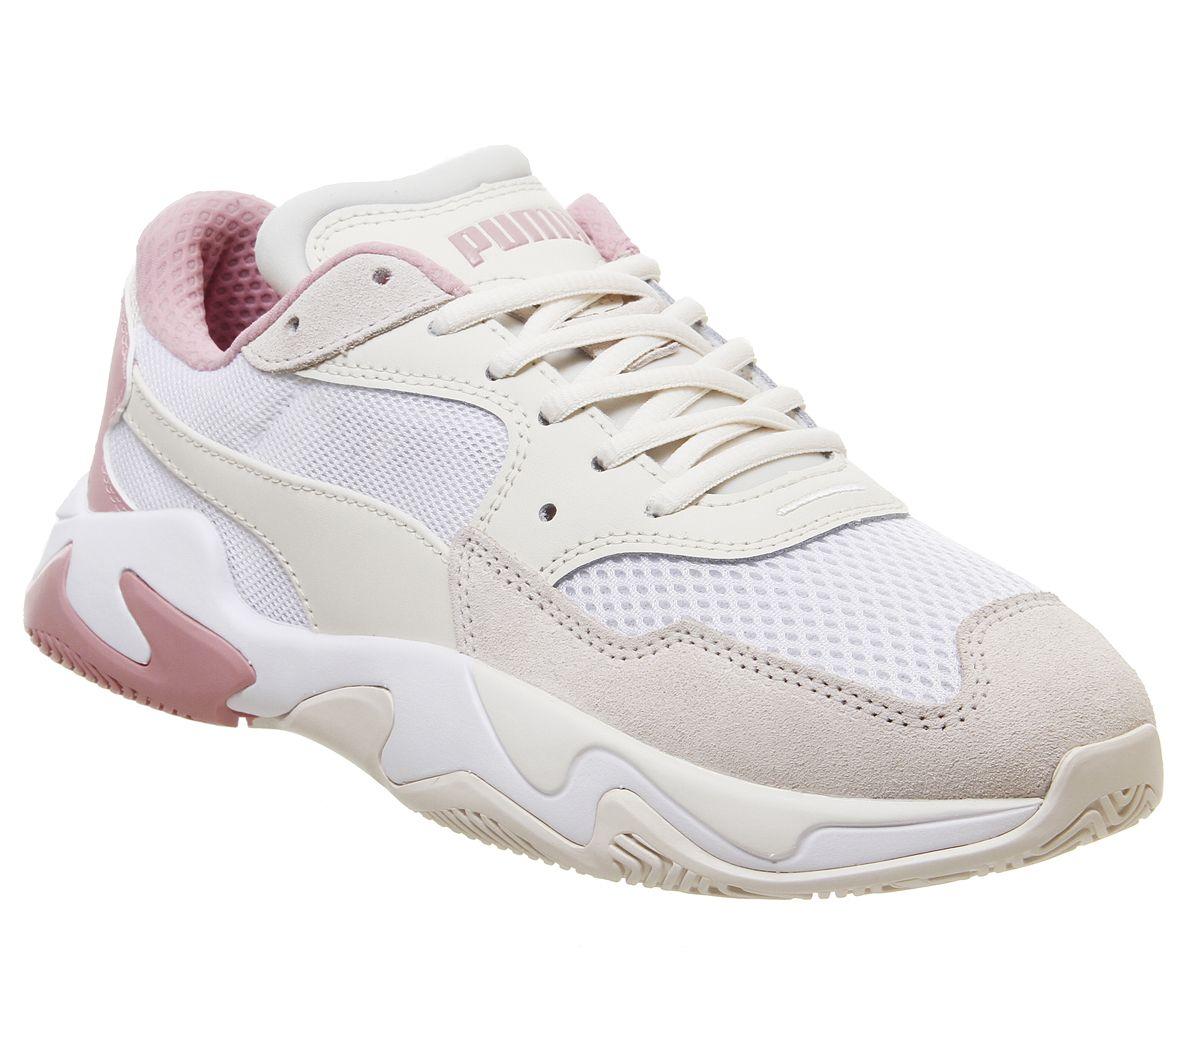 puma zapatillas blancas mujer